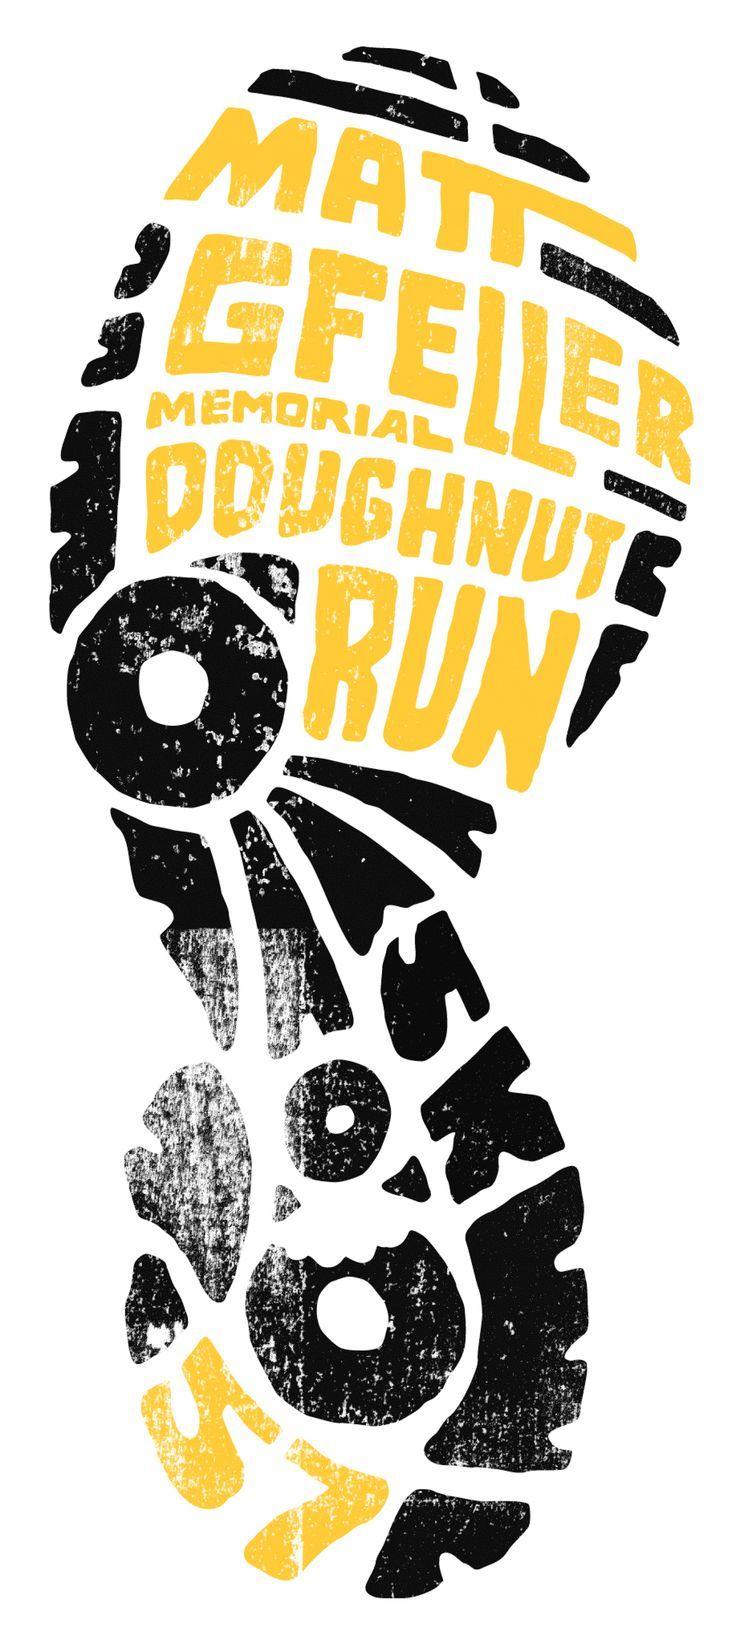 Matt Gfeller Memorial Doughnut Run by Brady Tyler                                                                                                                                                                                 More